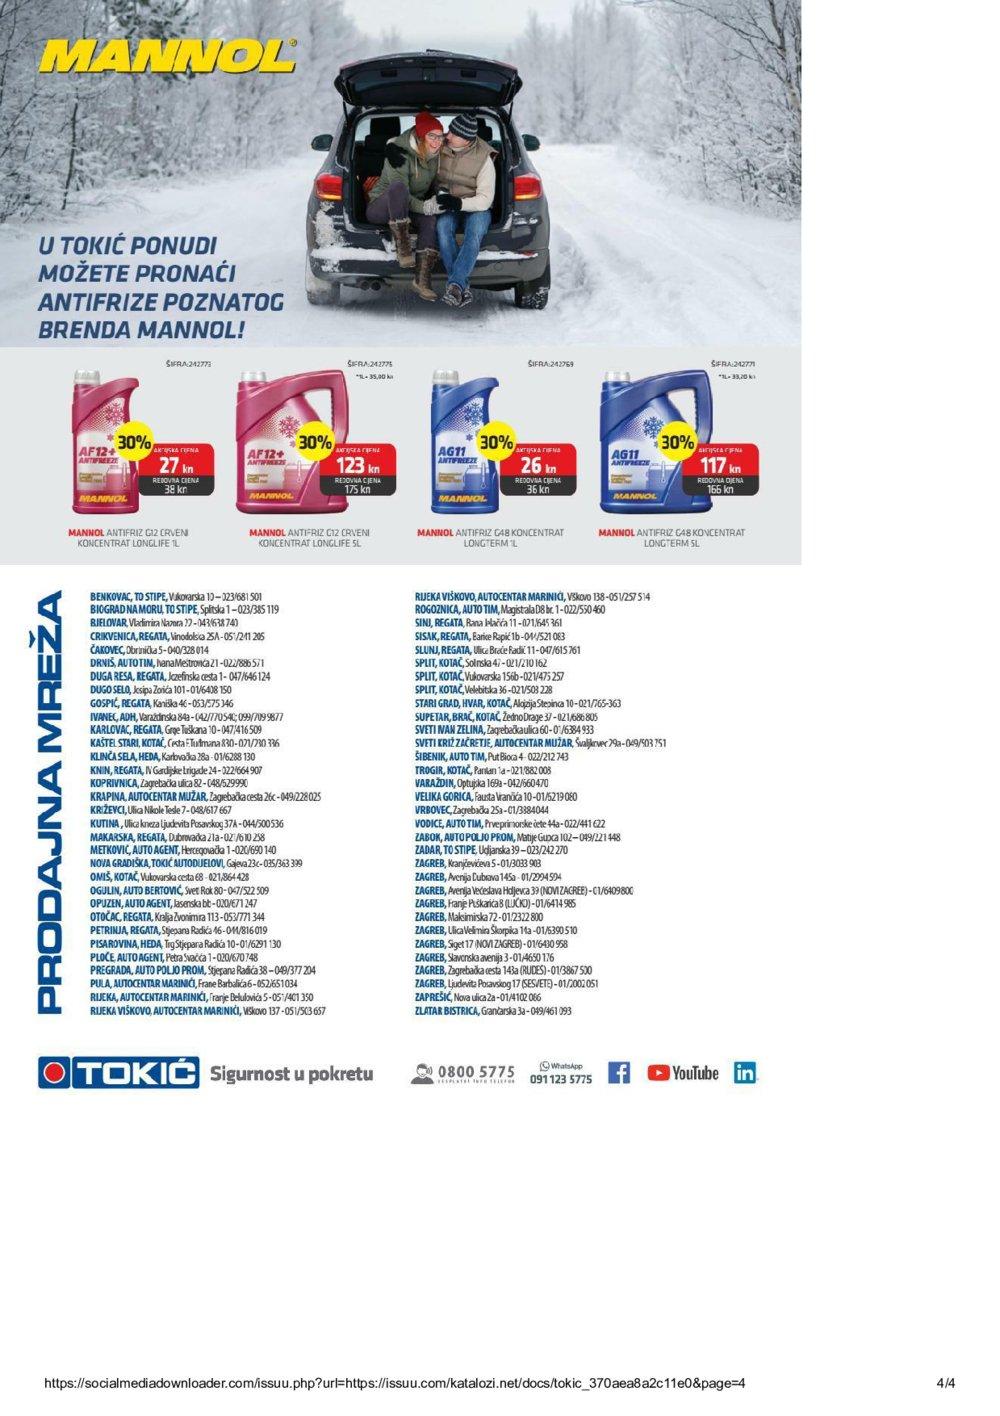 Tokić katalog Akcija 01.02.-28.02.2019.